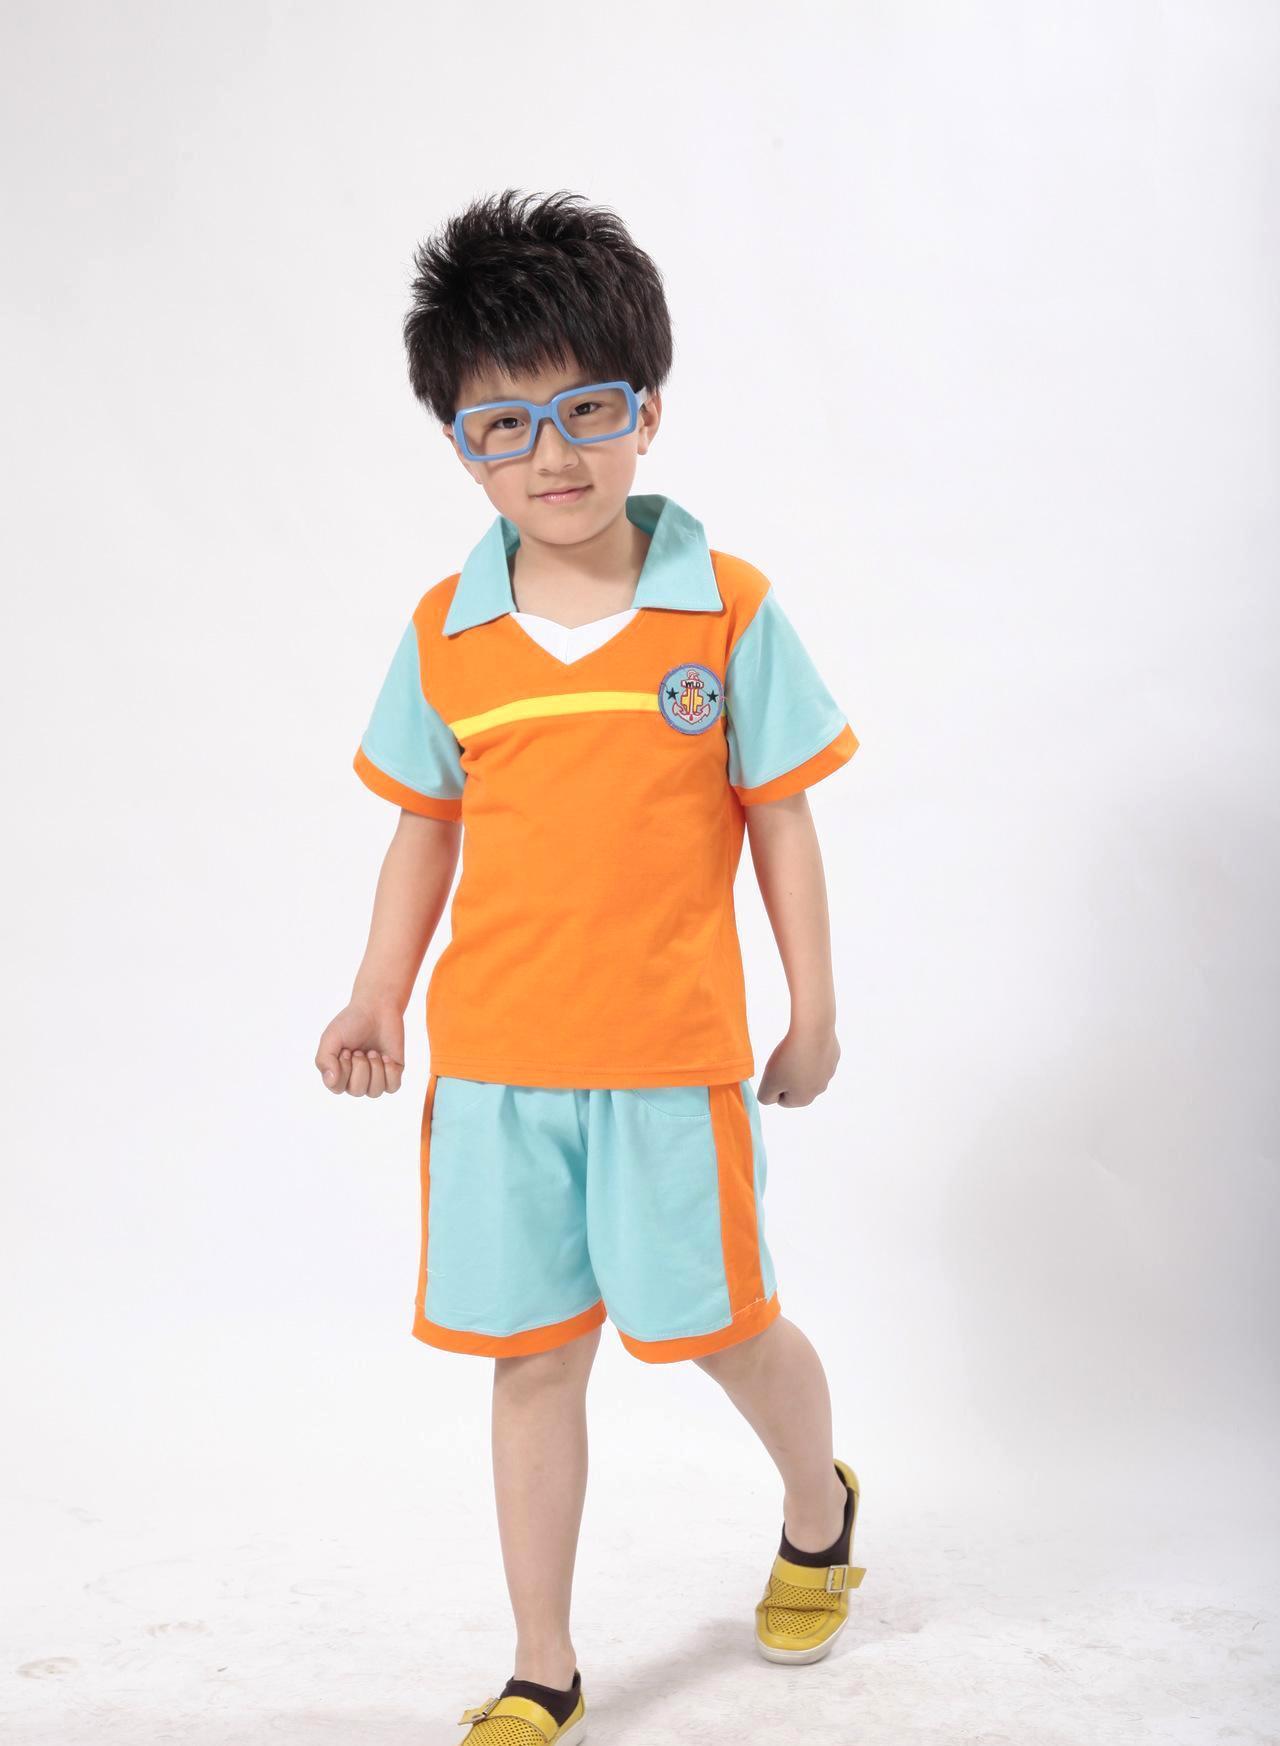 韩酷儿童装小学生校服班服套装夏季幼儿园园服批发夏装合唱运动服